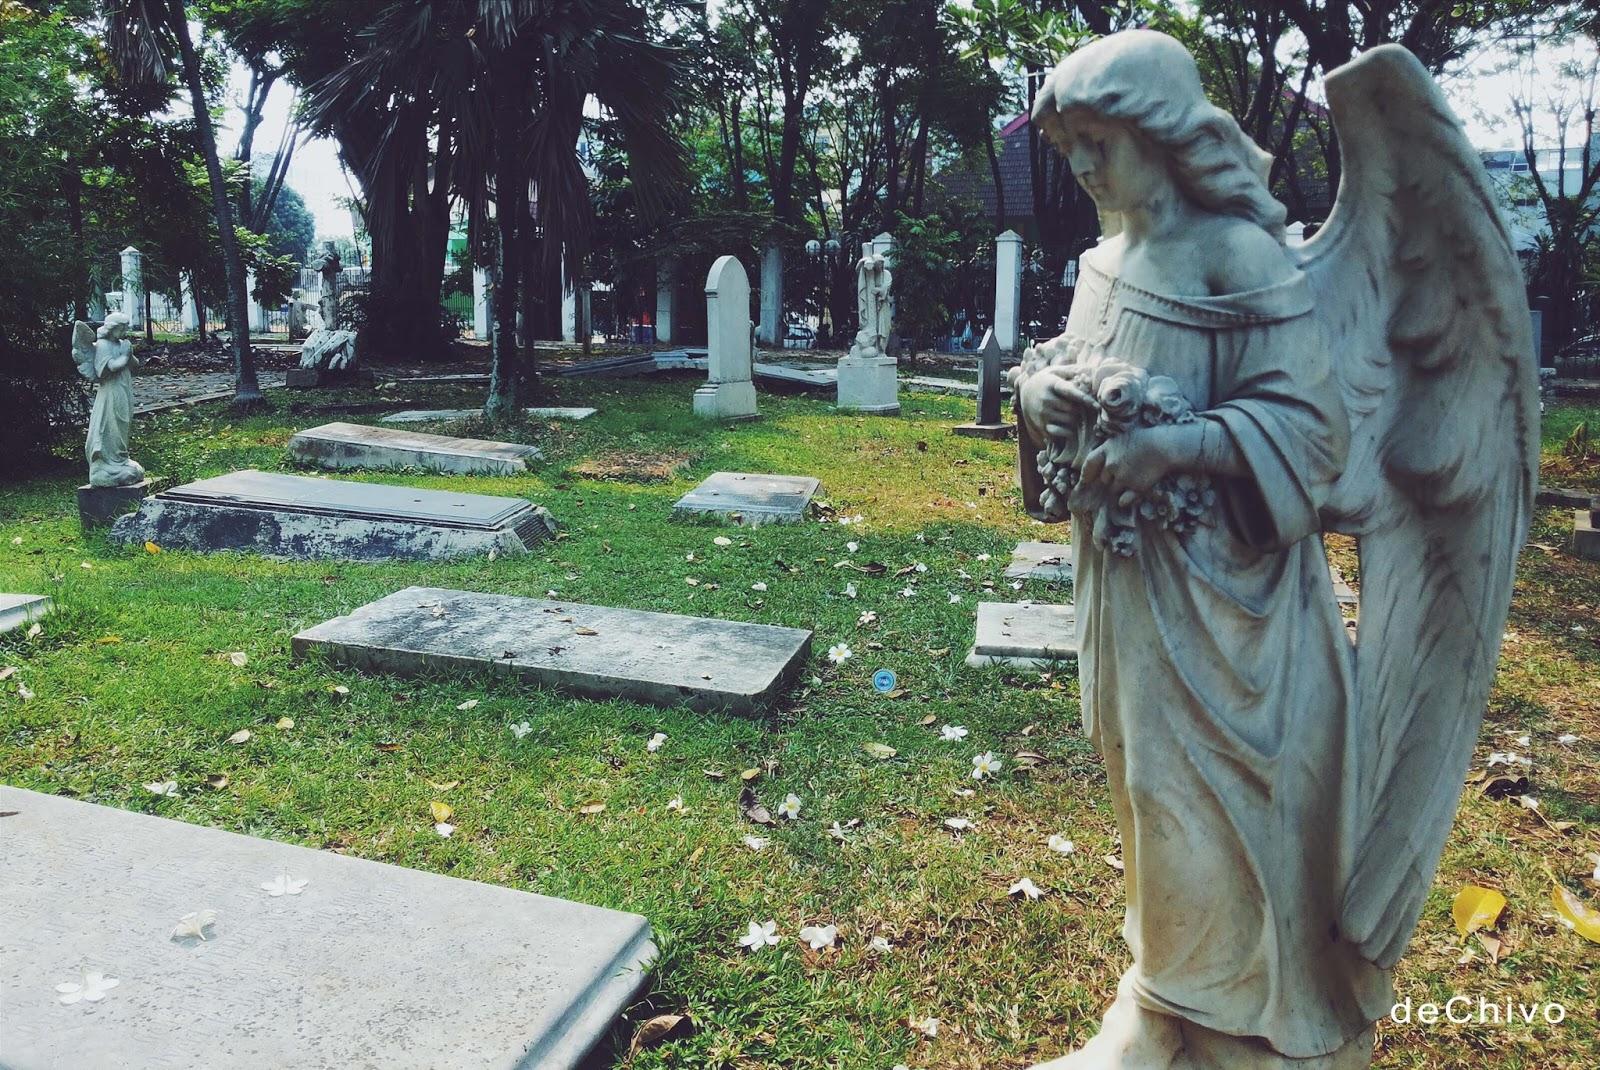 Paul De Chivo Jejak Pemakaman Bangsawan Museum Taman Prasasti Kota